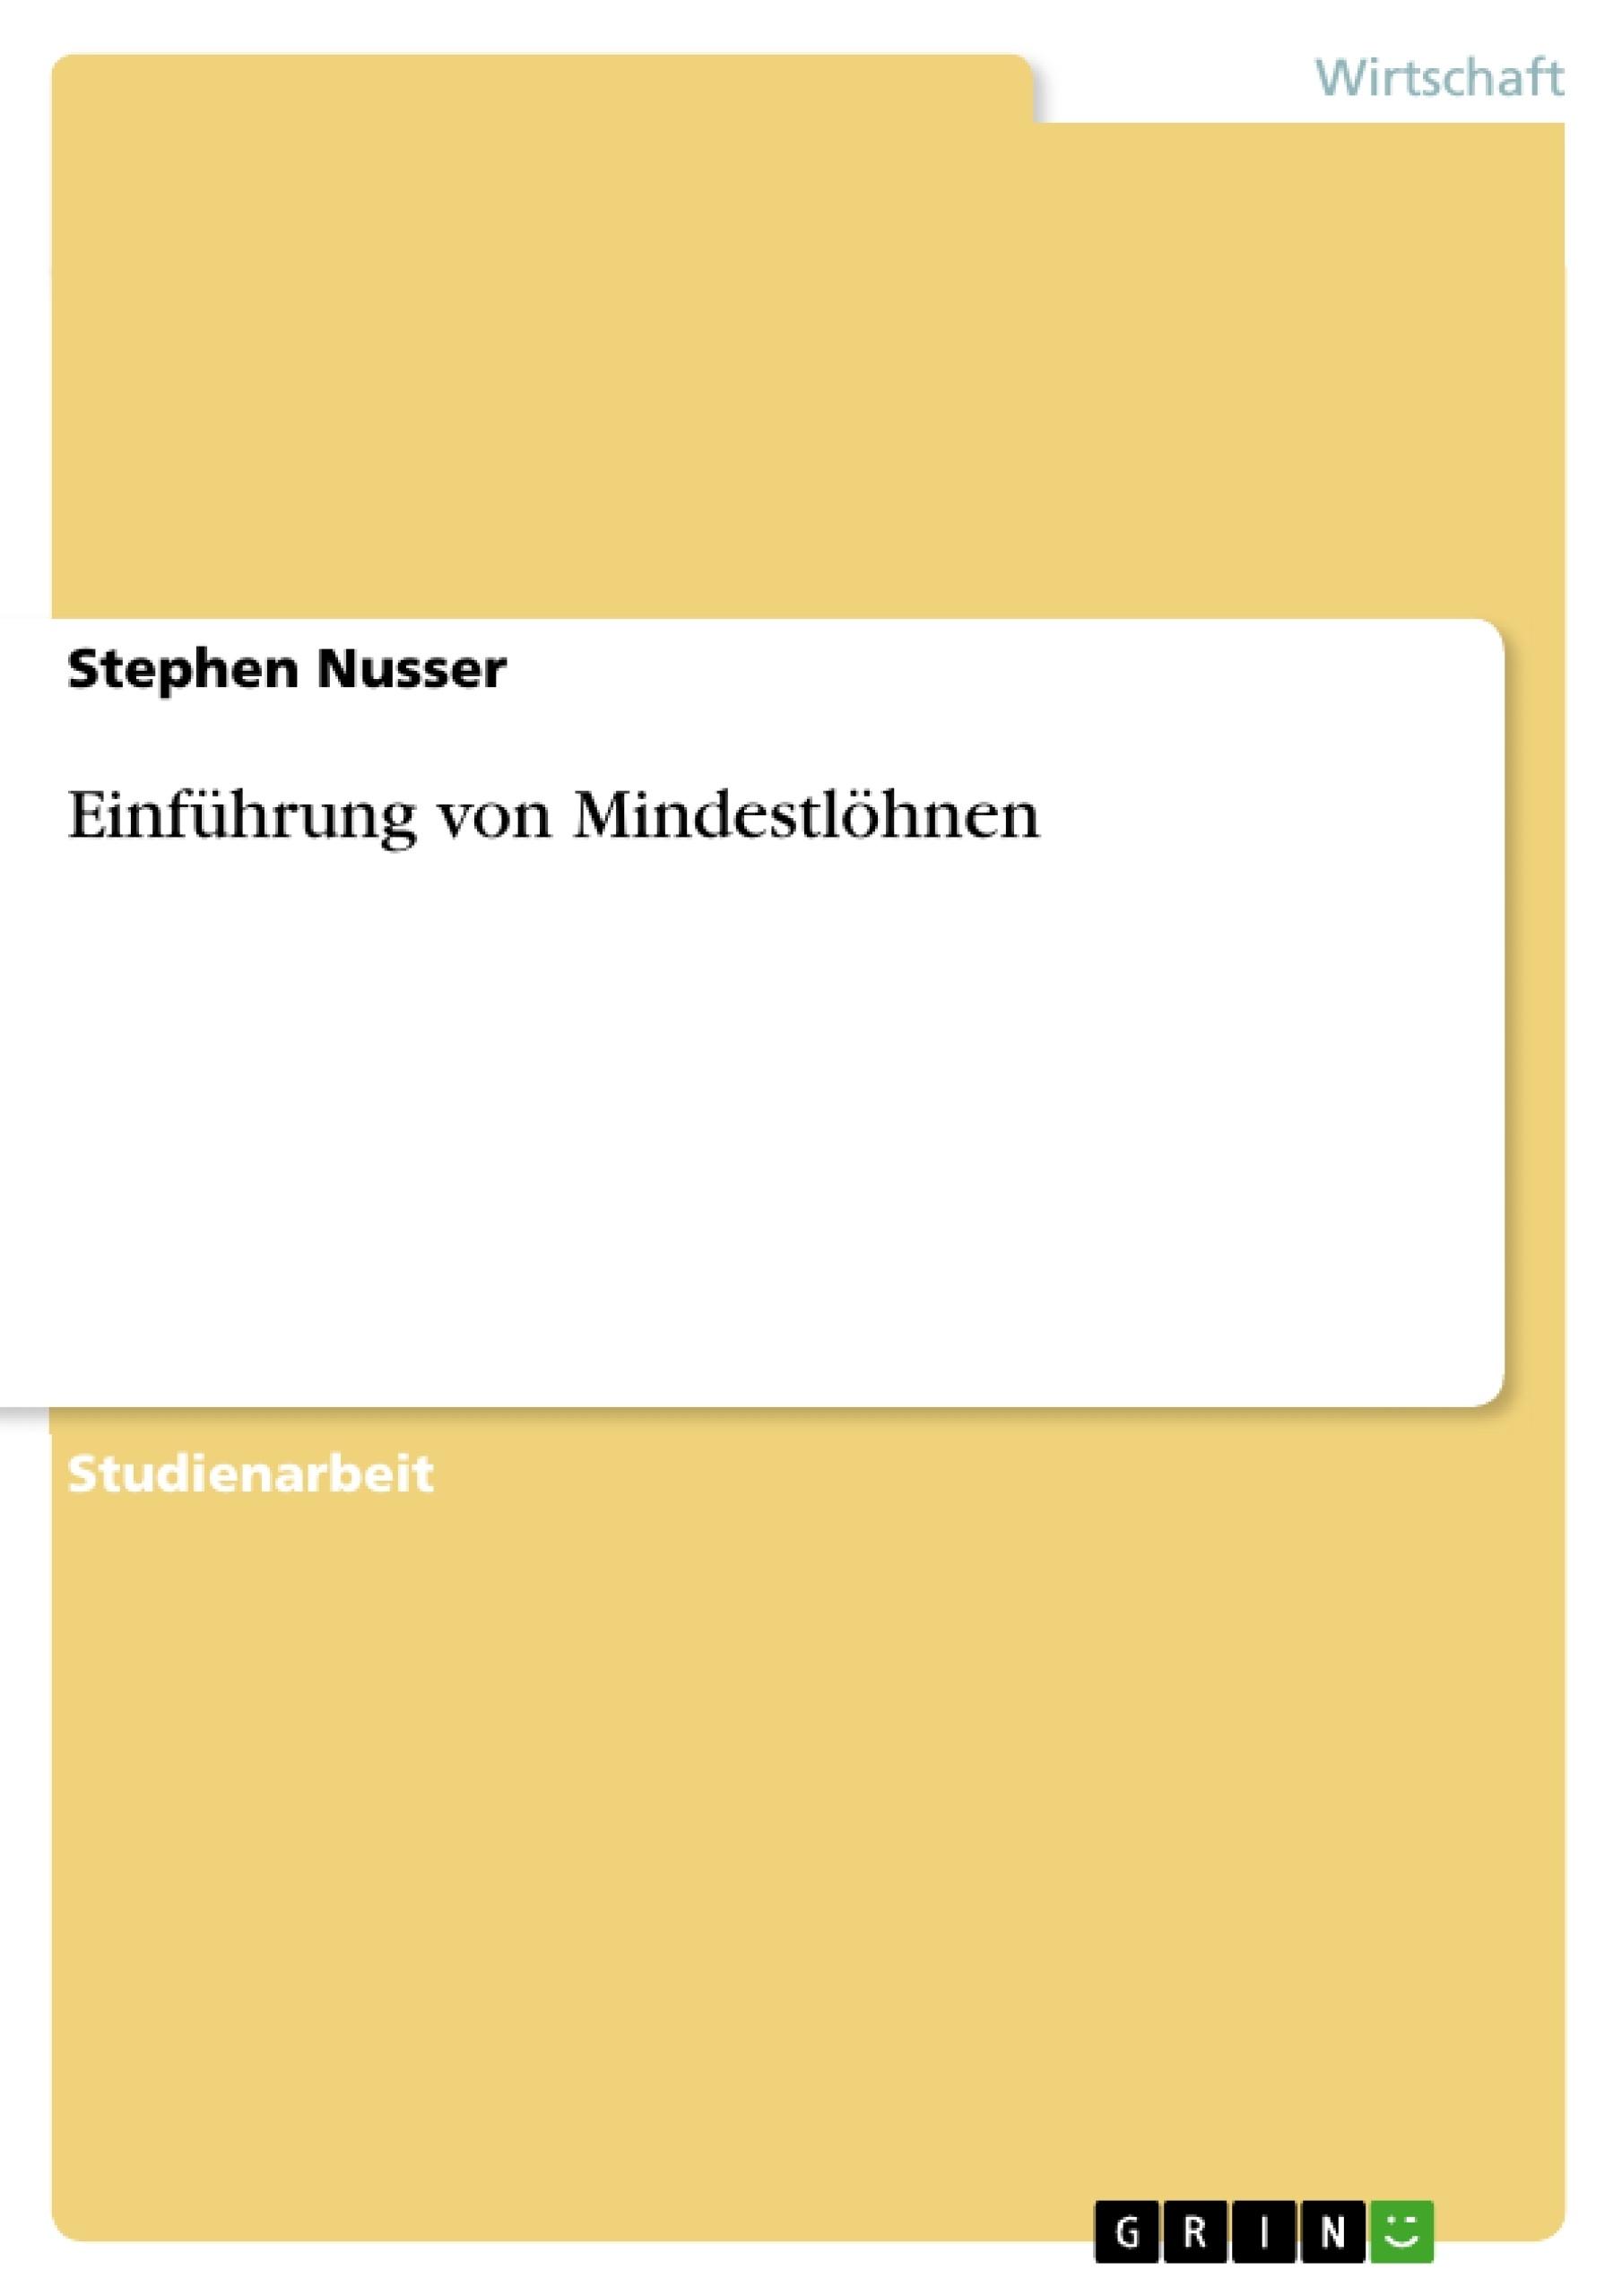 Titel: Einführung von Mindestlöhnen